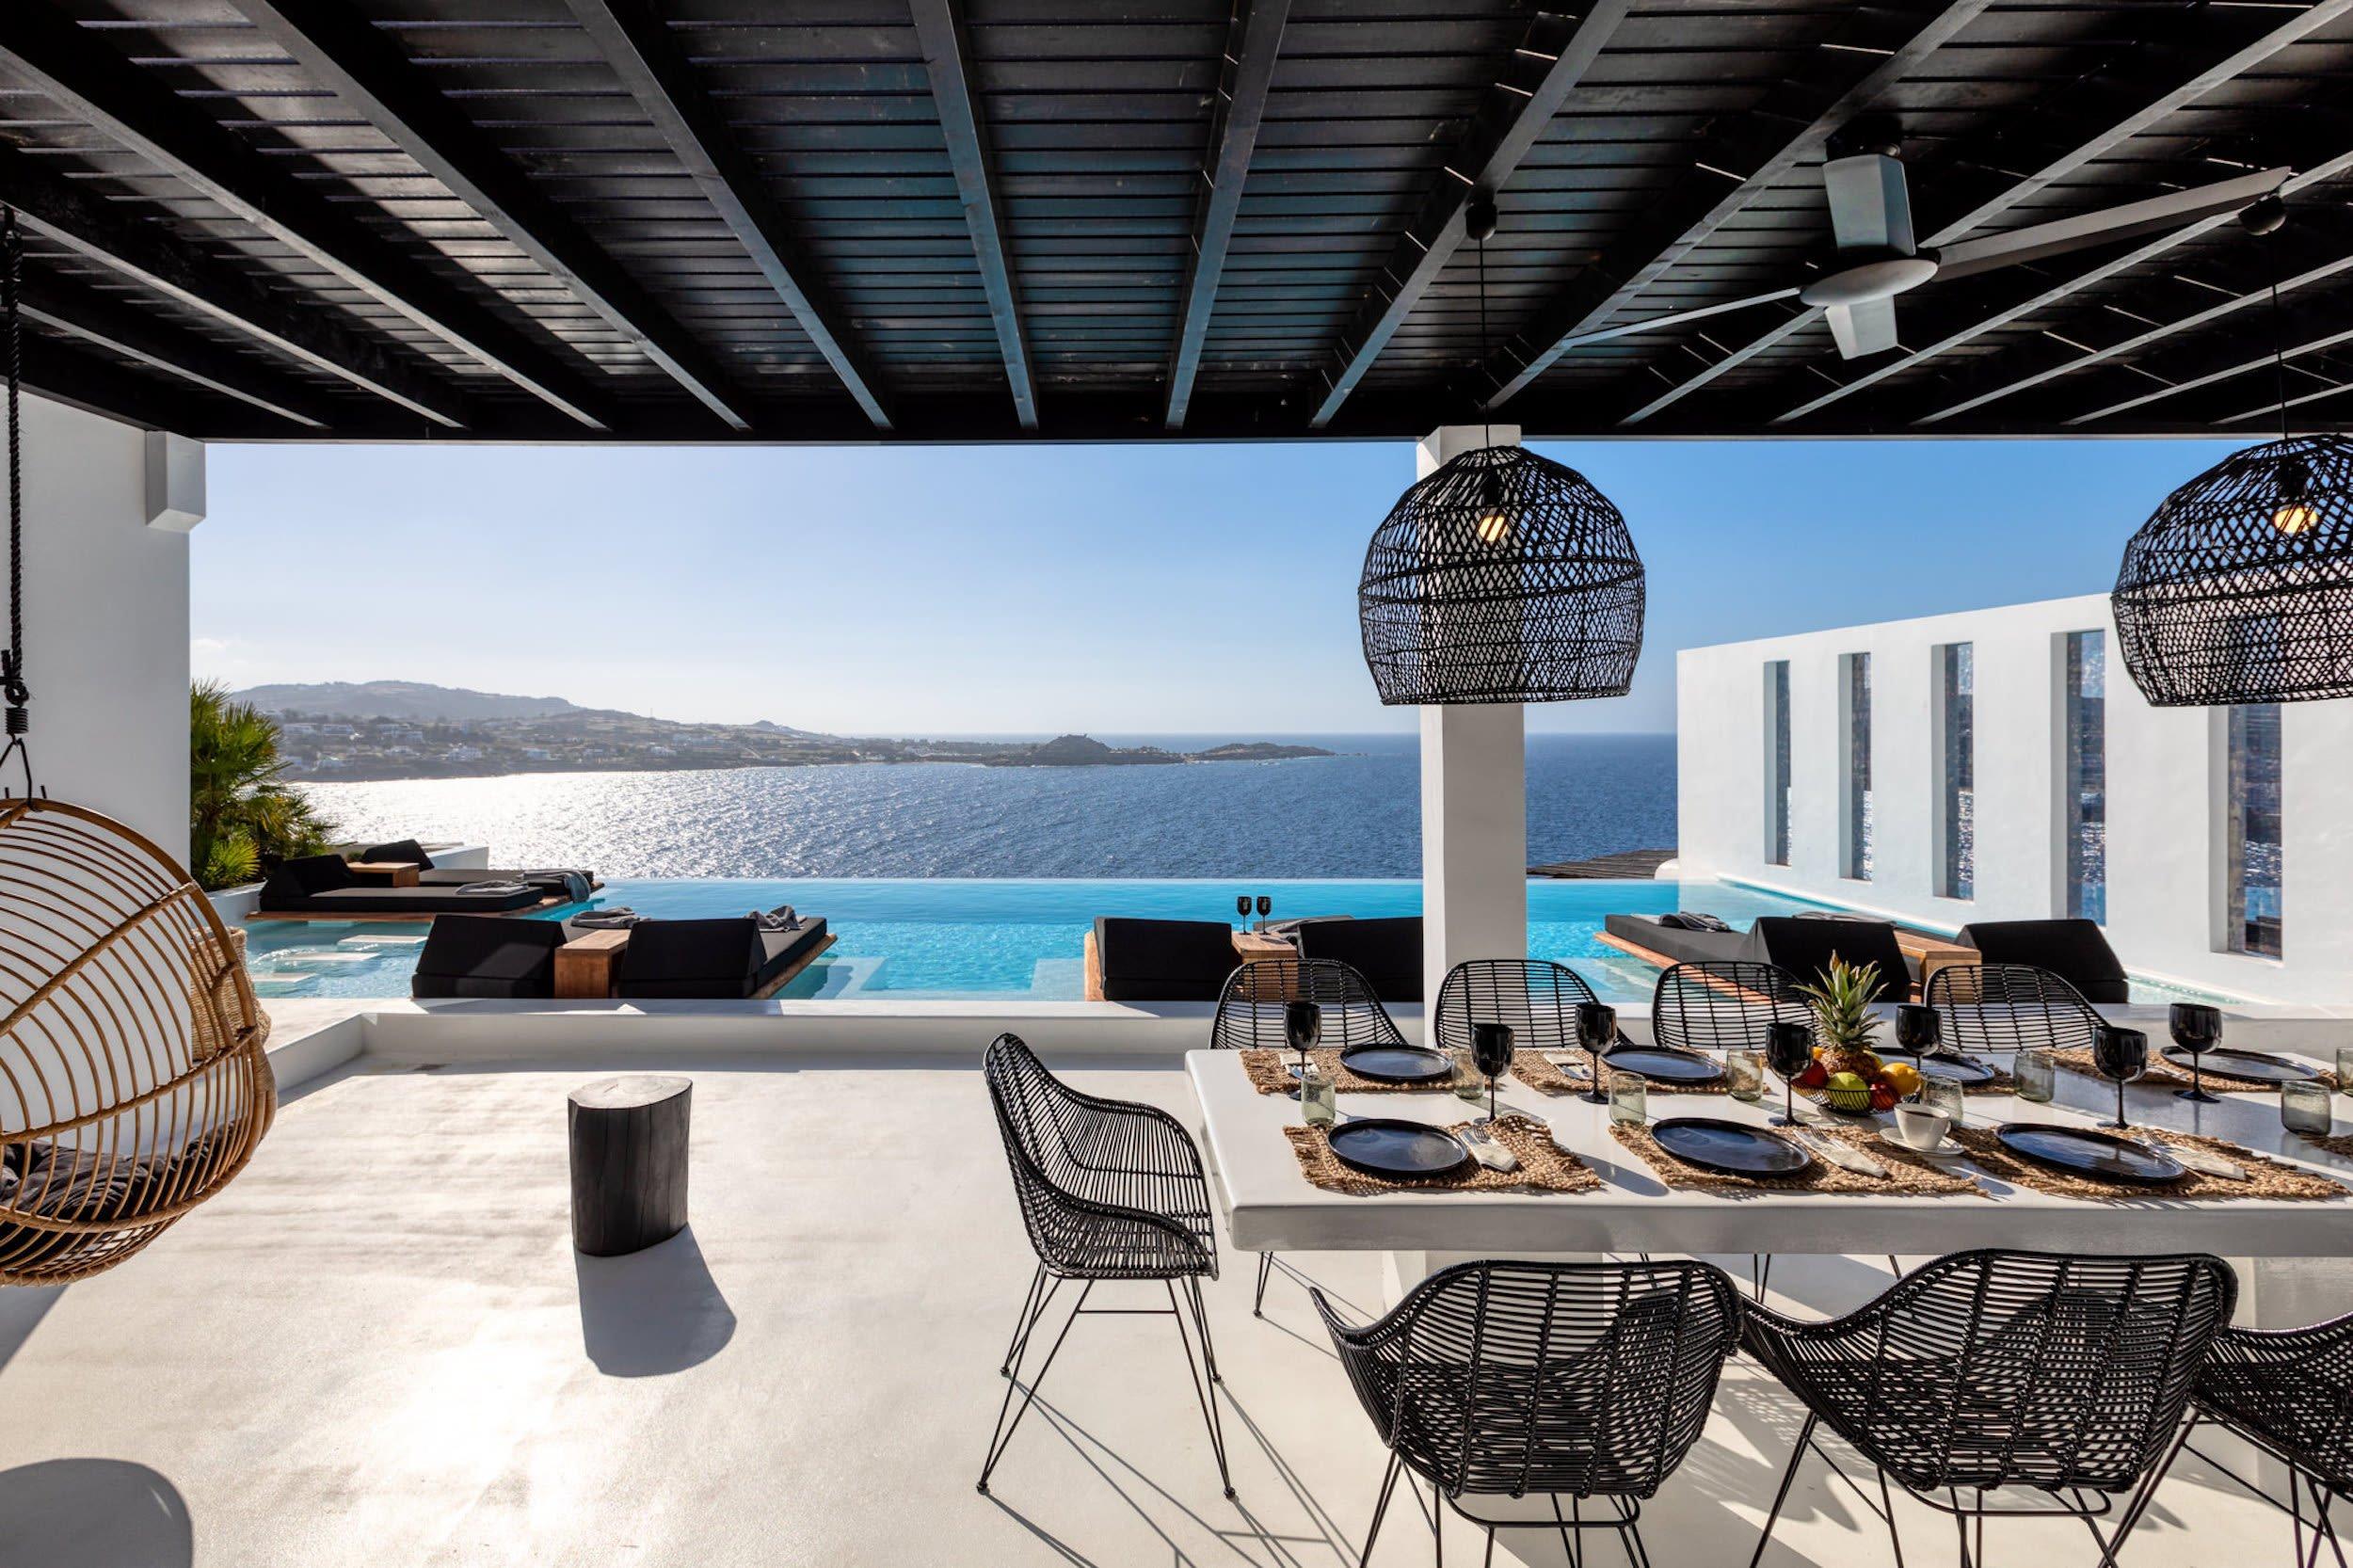 - Villa Poseidon - Image 1/27